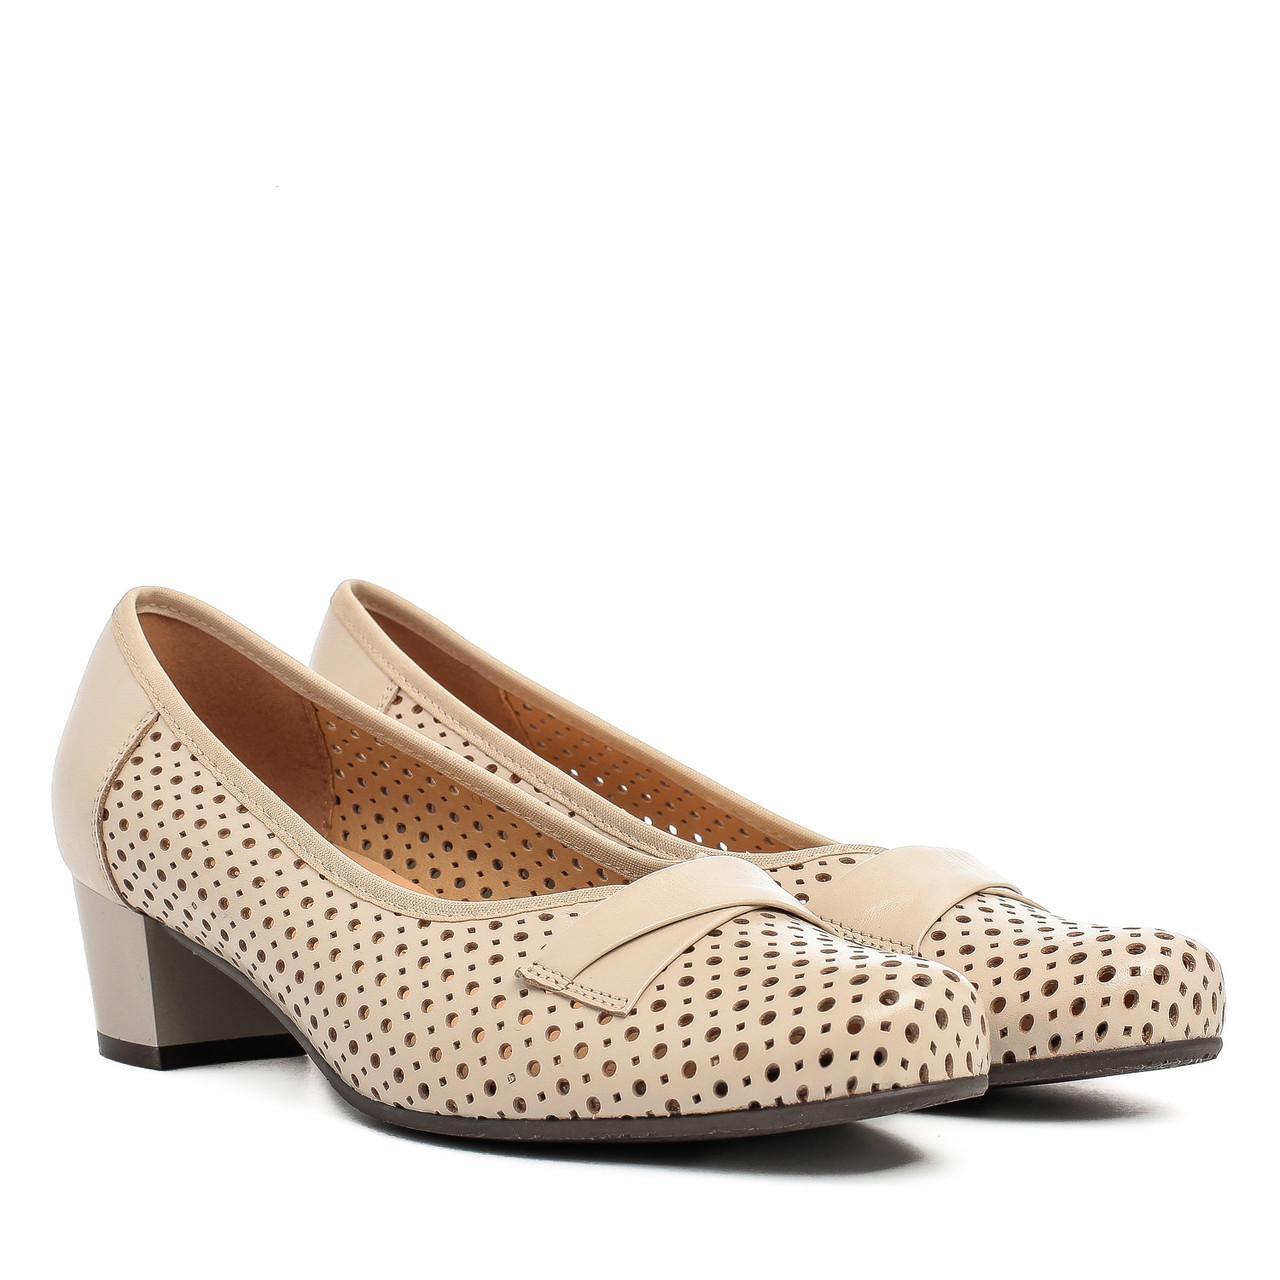 8358d9b07e35ff Туфли женские GORAL (нежный оттенок, кожаные, с перфорацией, на удобном  каблуке)